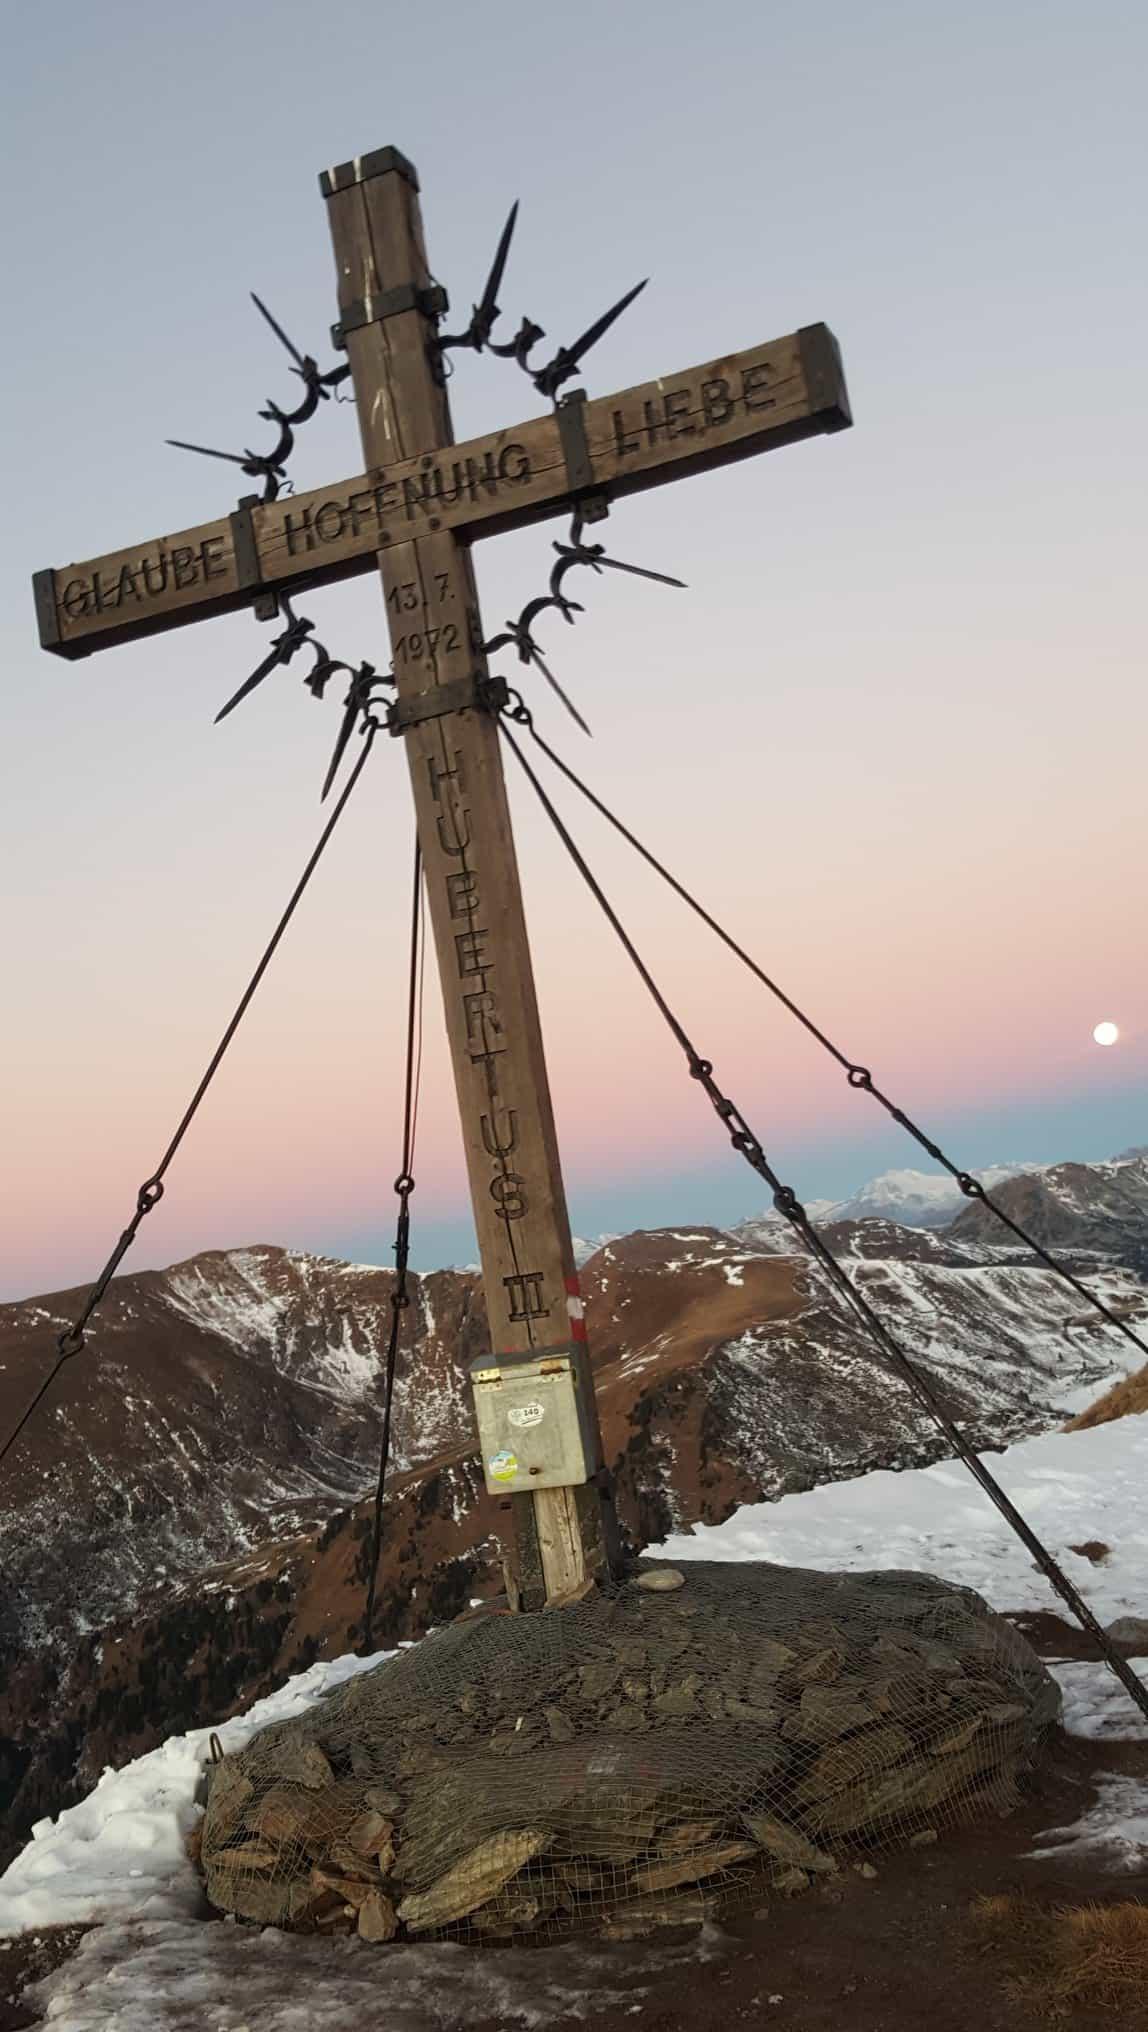 Winterwanderung abseits der Pisten auf Turracher Höhe in Kärnten & Steiermark - Wandern & Urlaub in Österreich